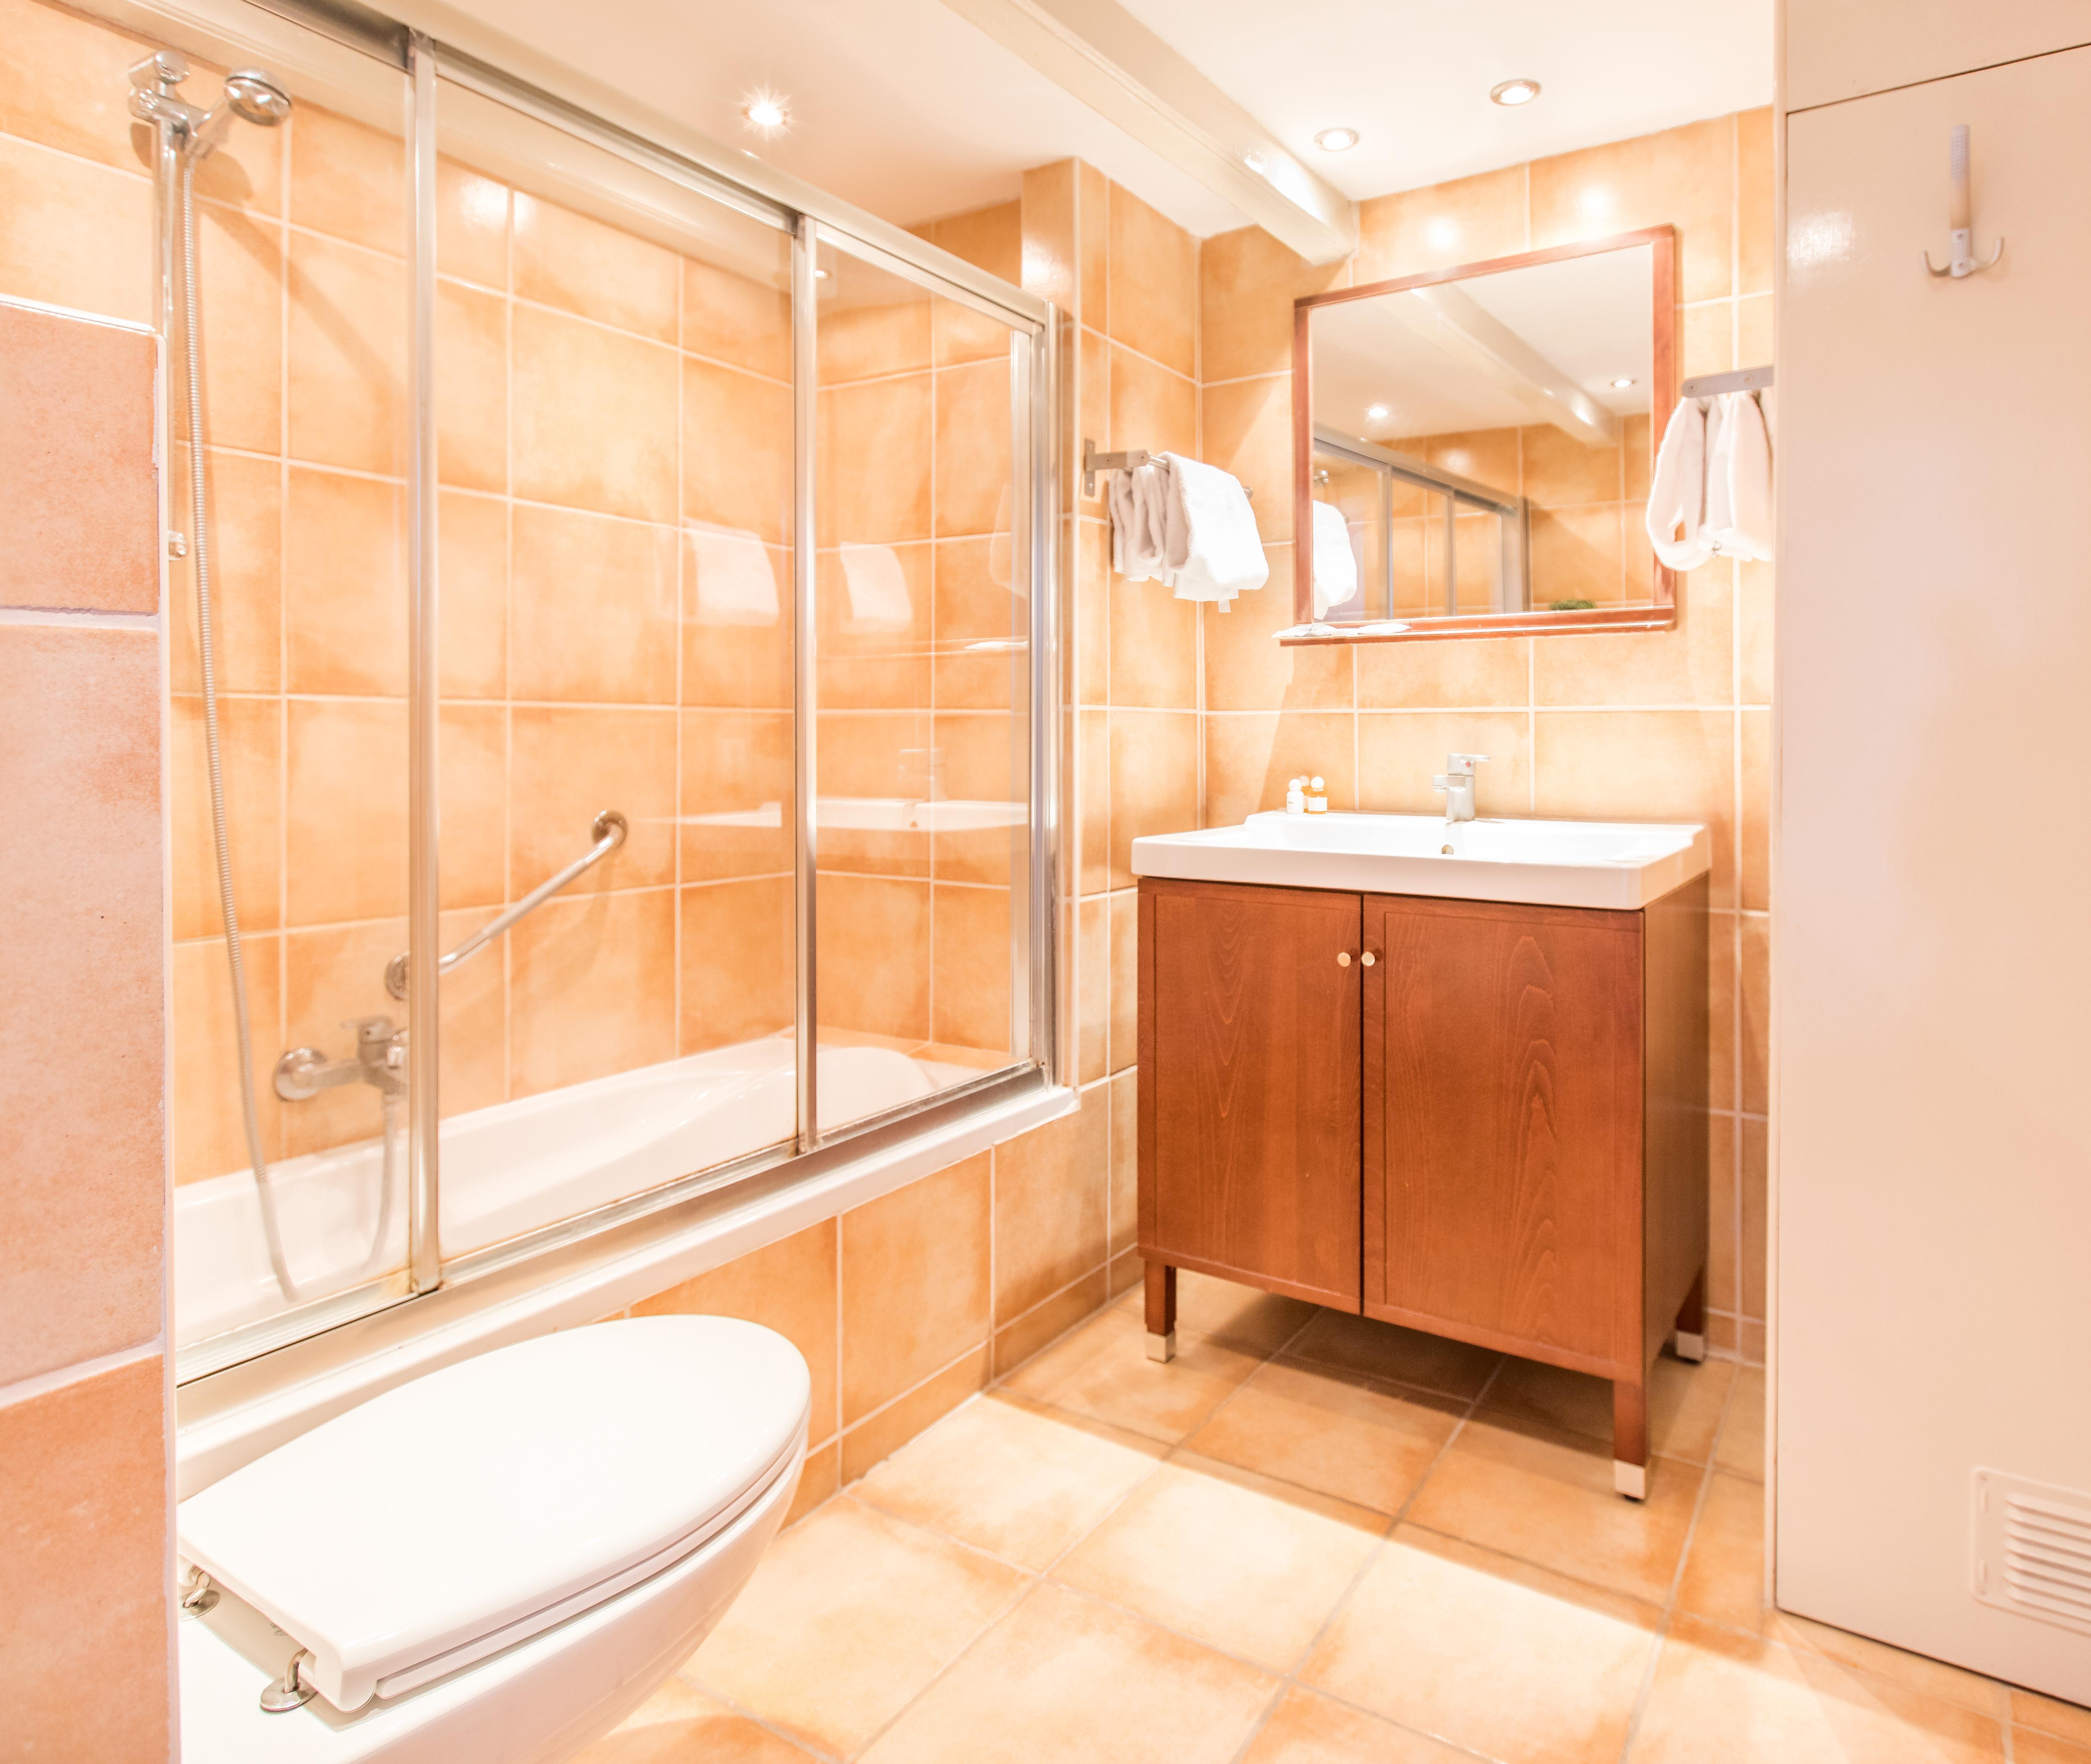 Hotel deventer een prachtig kleinschalig hotel in hartje deventer - Appartement de luxe ando studio ...